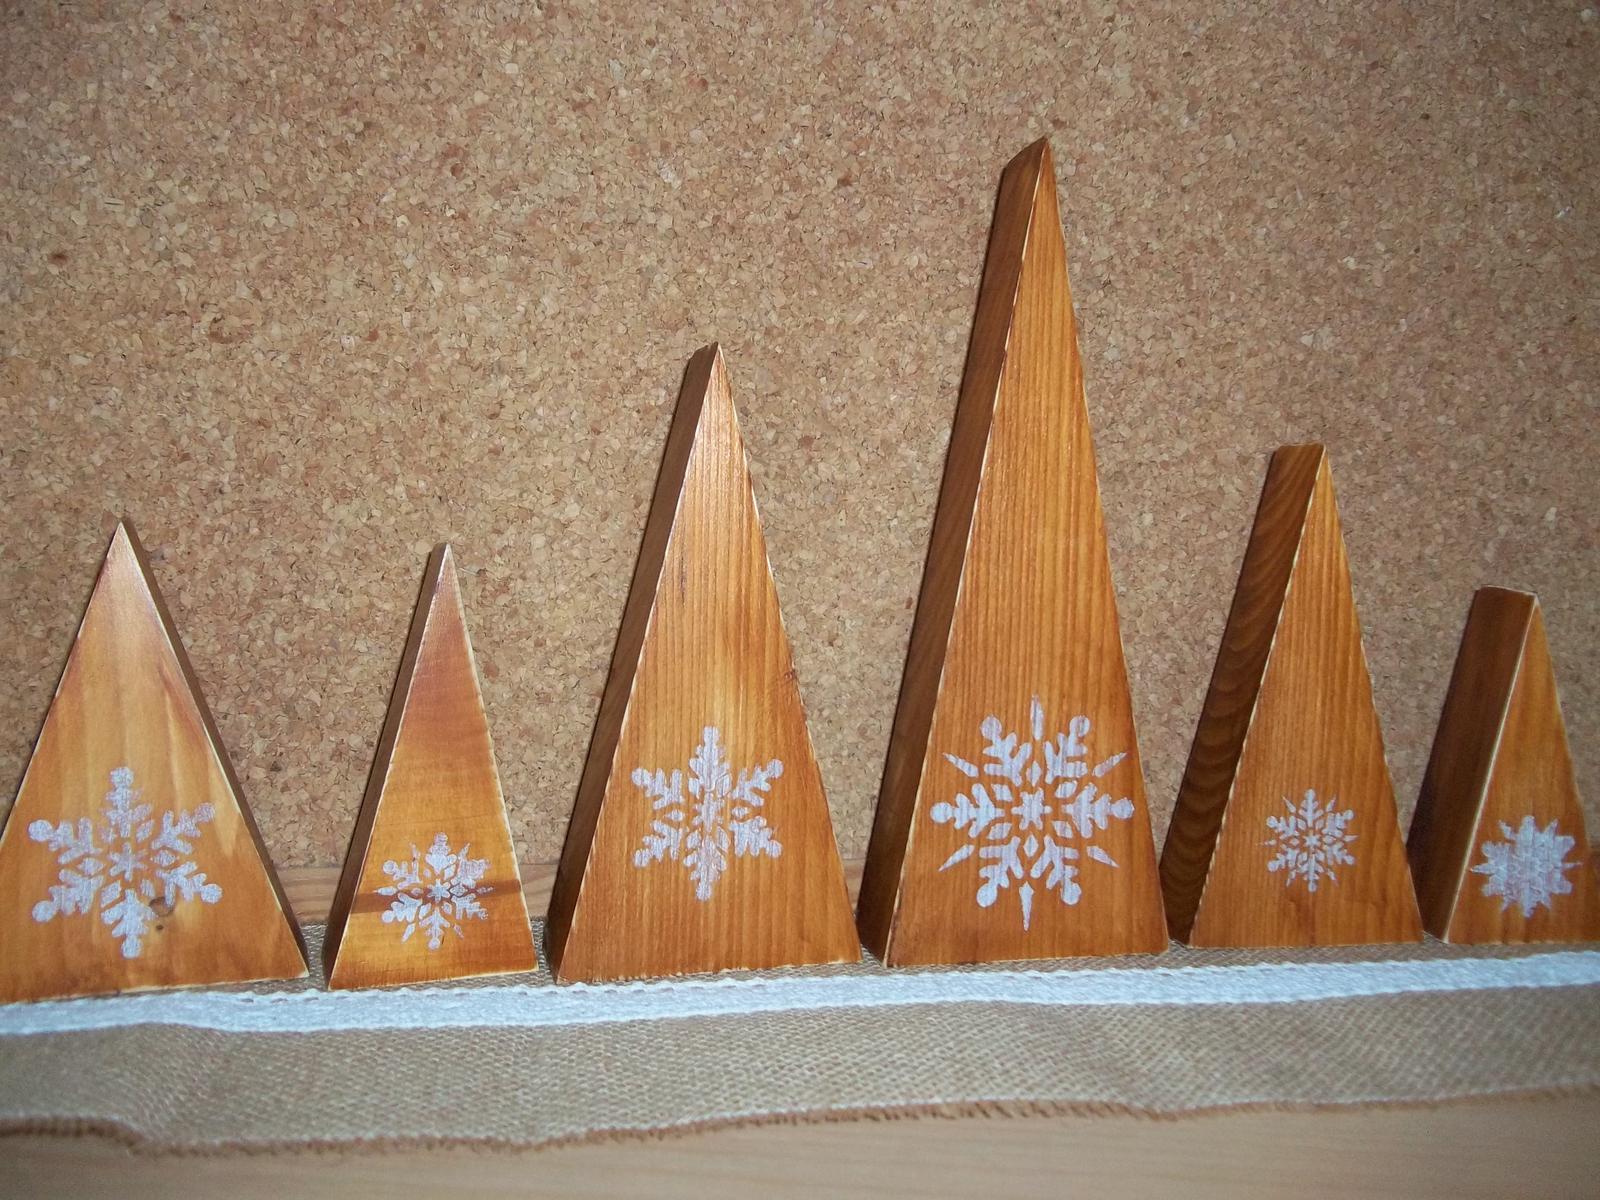 Sada drevených stromčekov,cena spolu - Obrázok č. 3